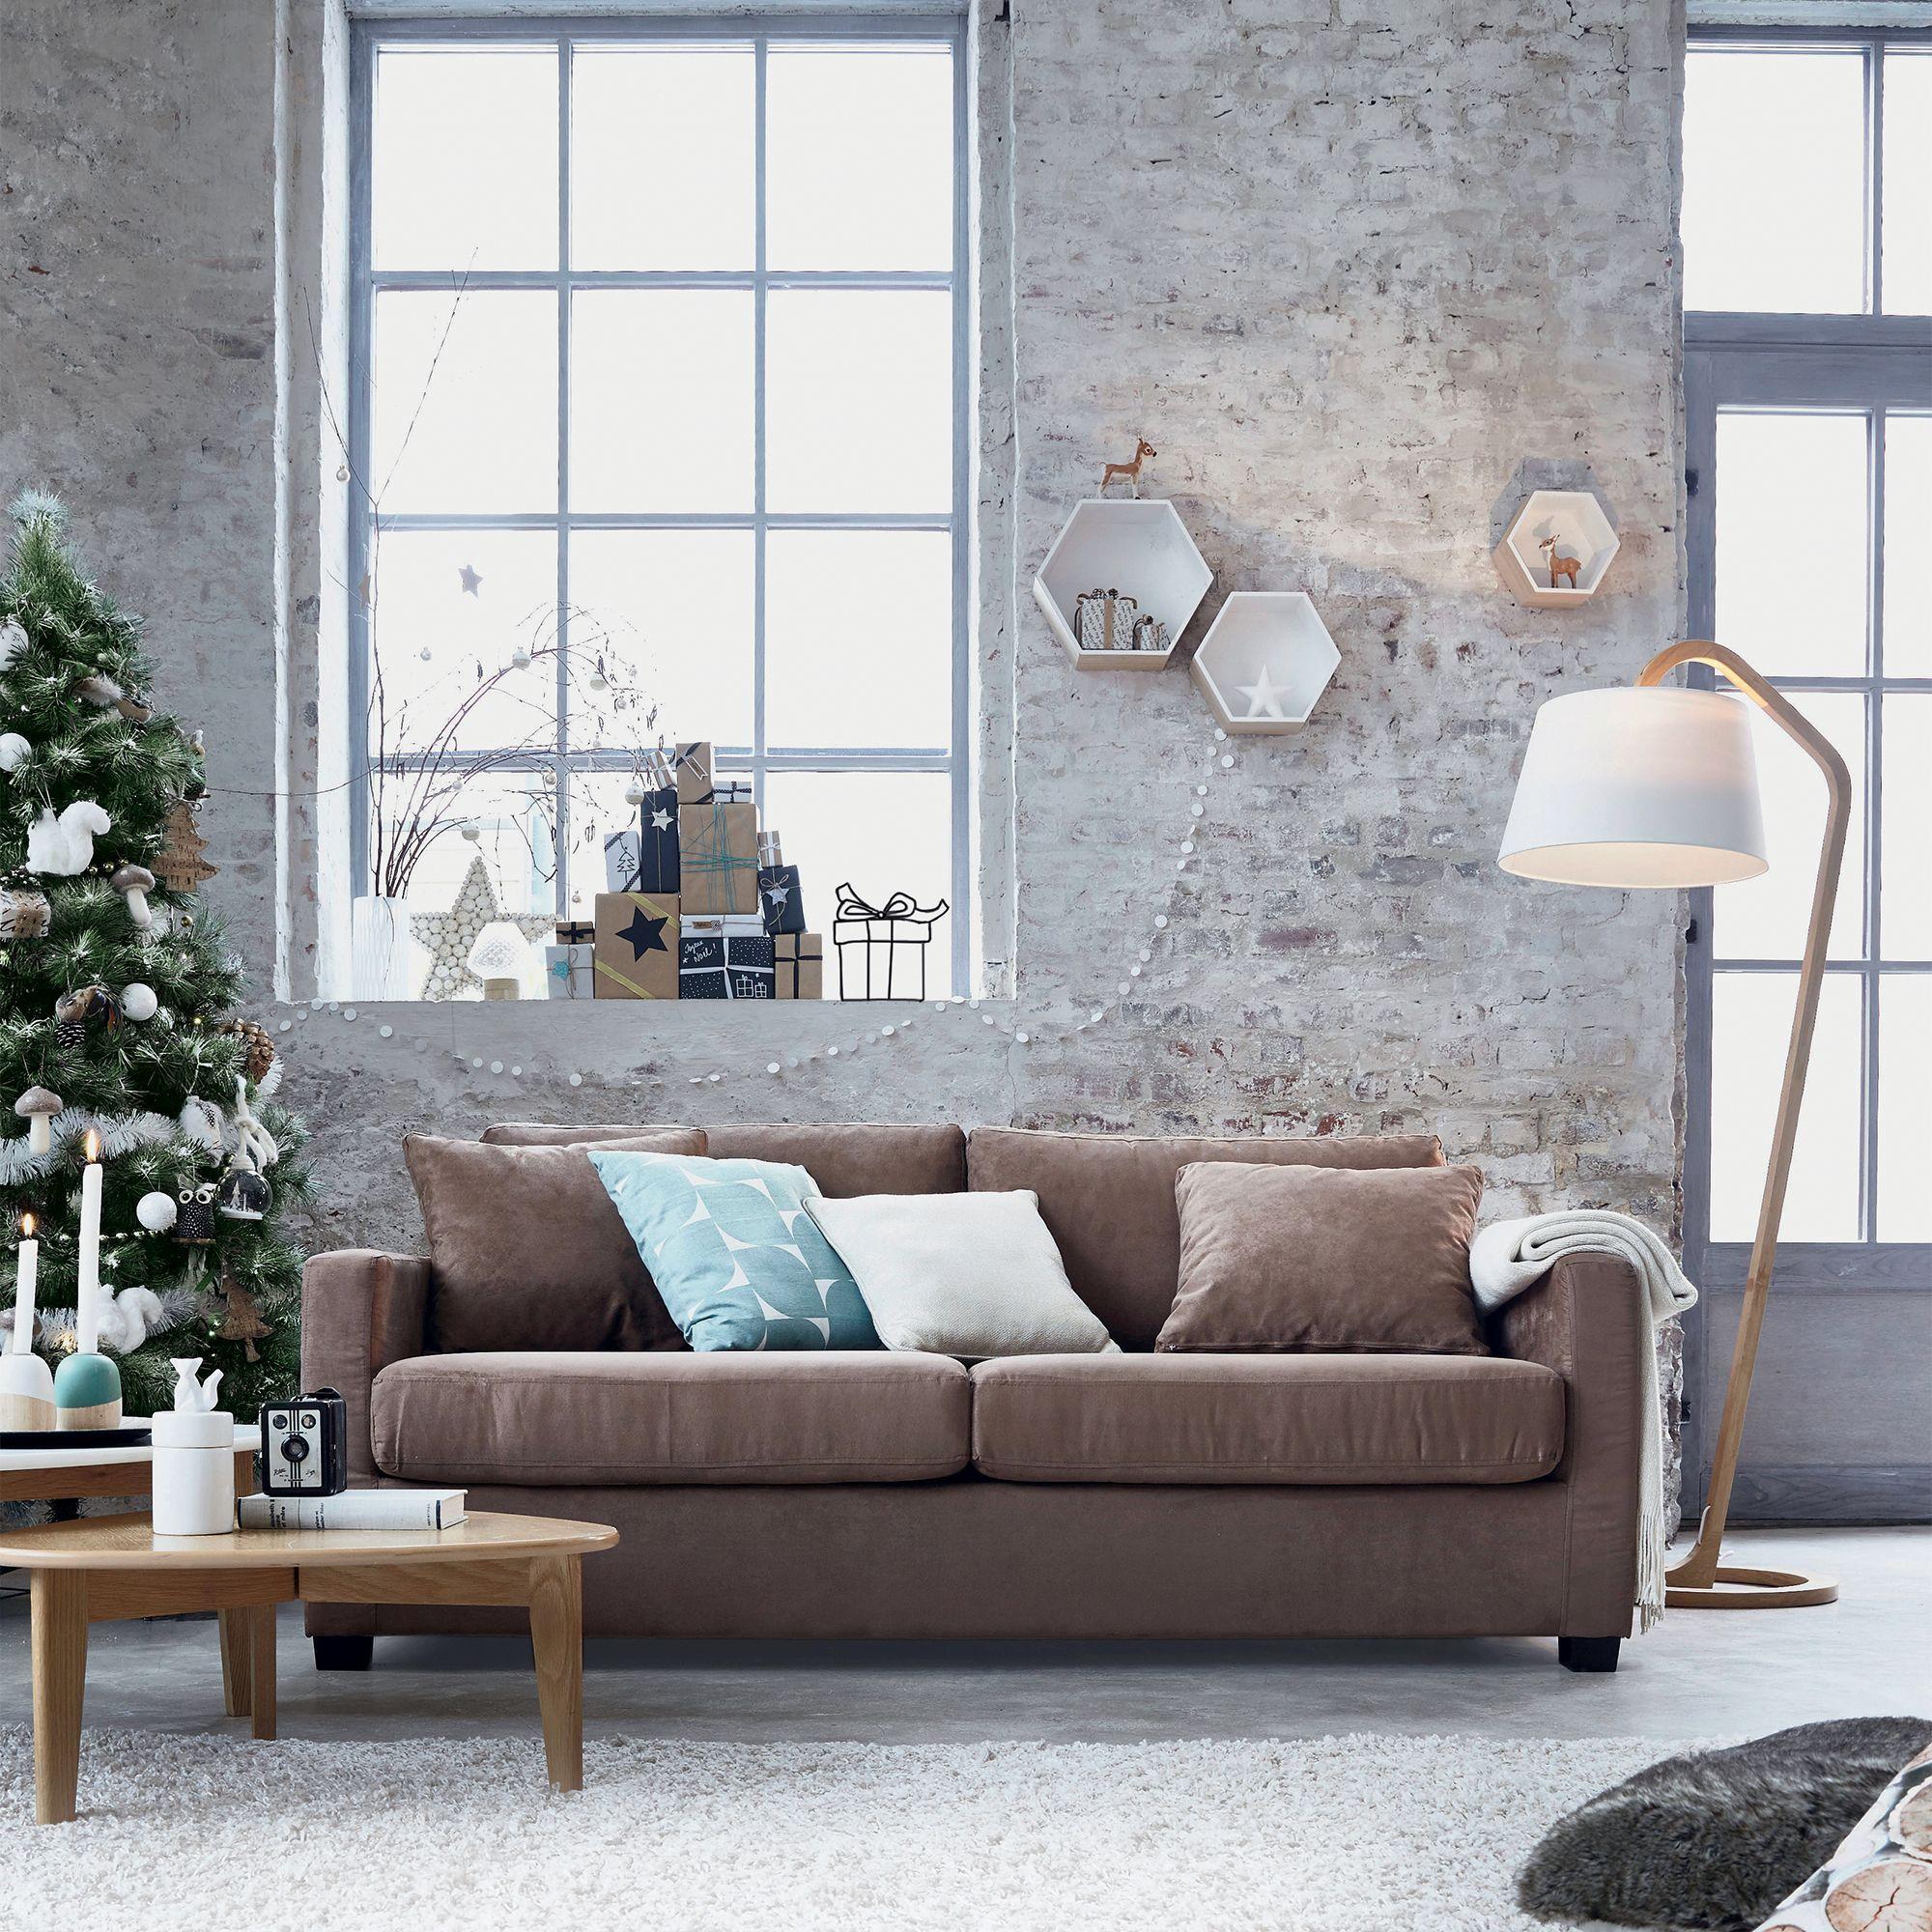 lampadaire style scandinave en ch ne et coton h165cm mokuzai alinea home pinterest. Black Bedroom Furniture Sets. Home Design Ideas